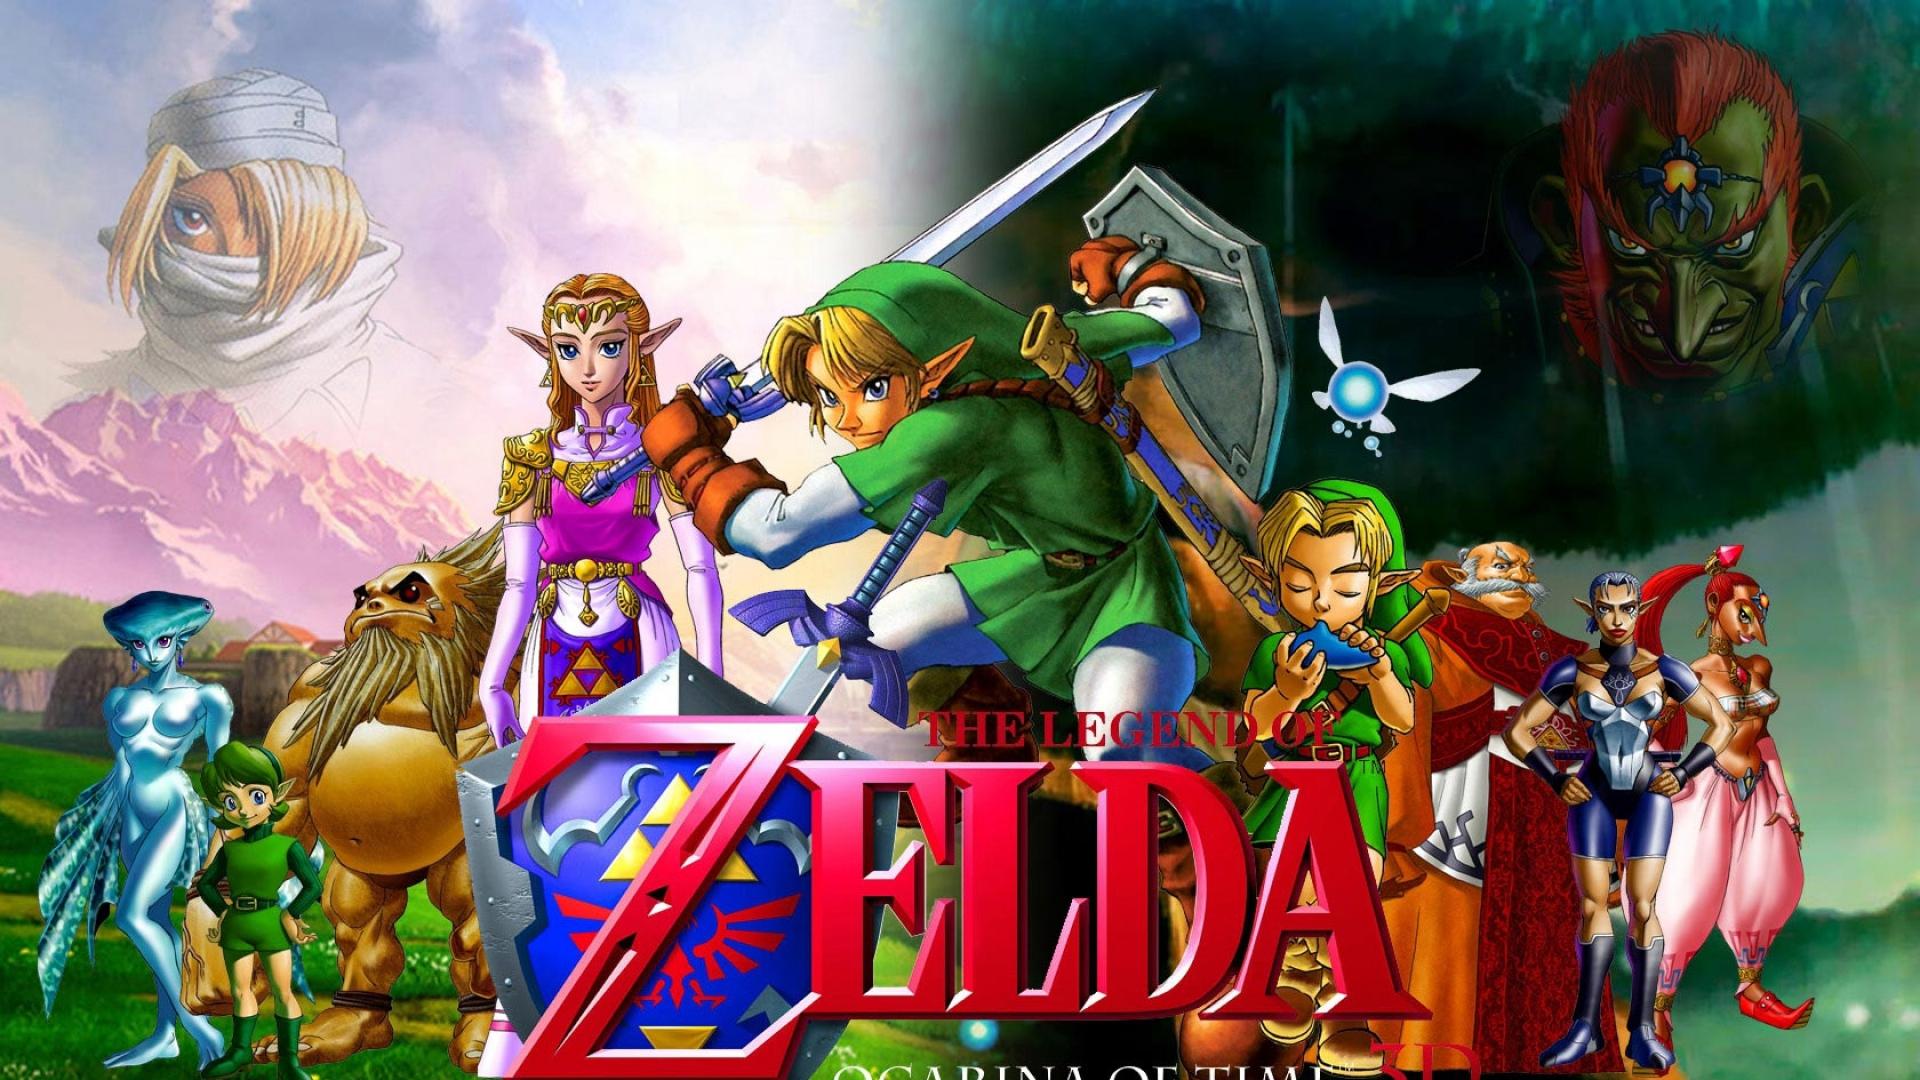 legend of zelda Characters Faces Swords Zelda Full HD 1080p HD 1920x1080